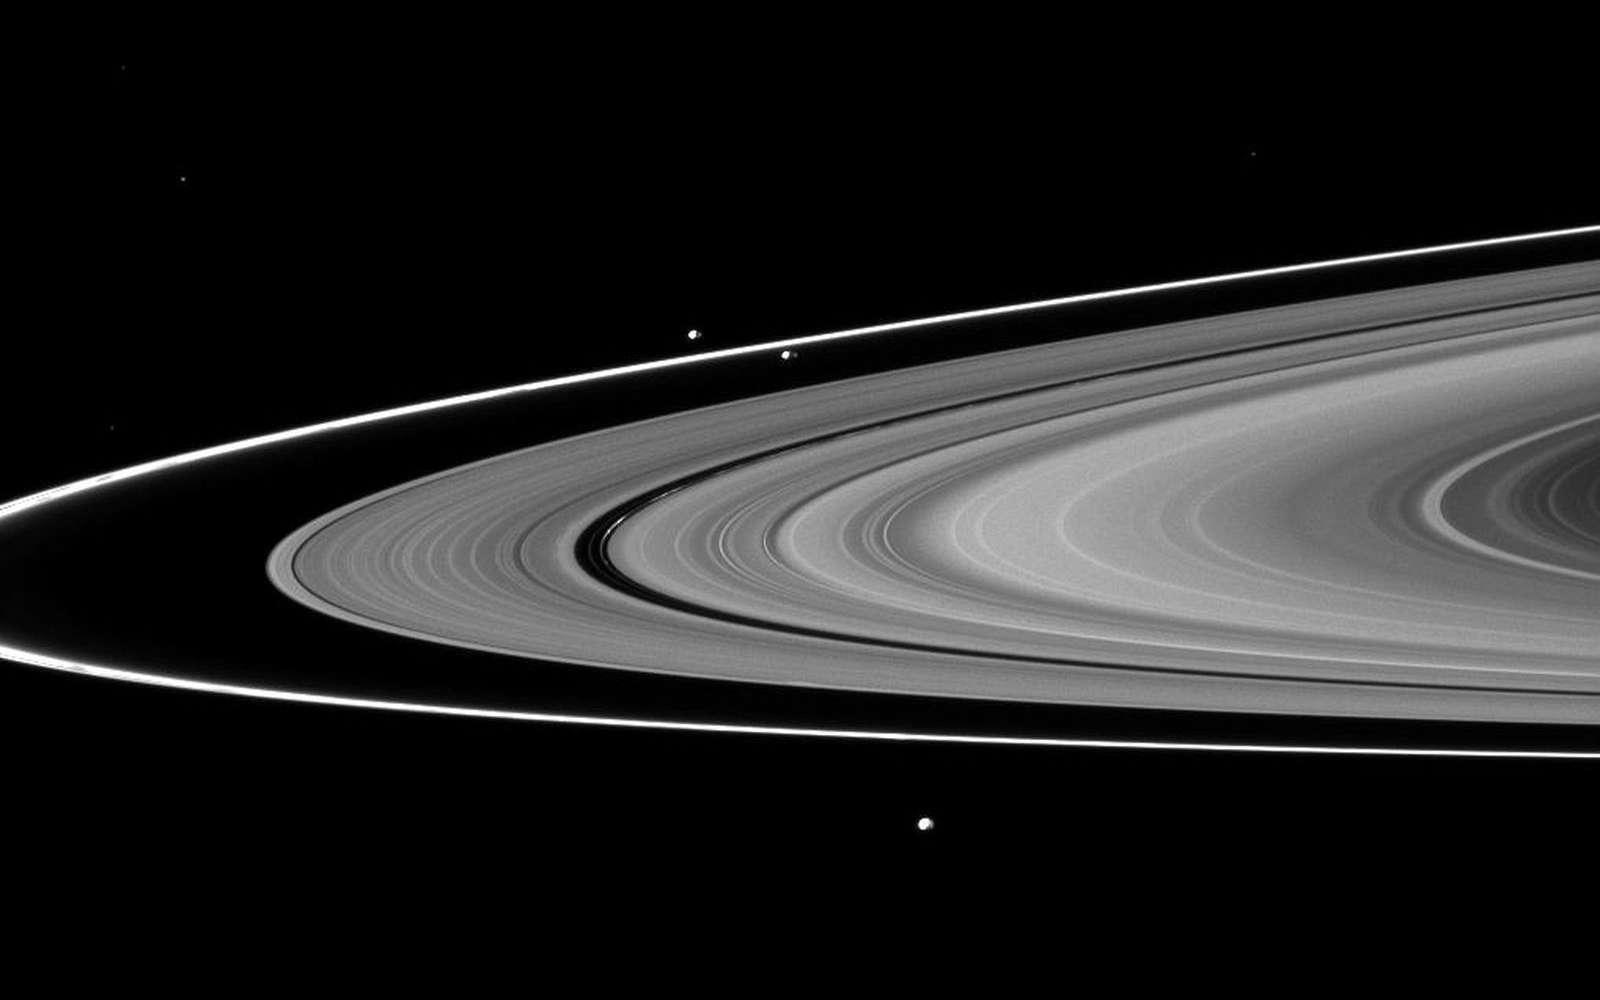 Les lunes « bergères » de l'anneau F, Prométhée et Pandore, sont montrées avec Epiméthée au premier plan de cette image des anneaux de Saturne. Prométhée (86 km) peut être vue en orbite à l'intérieur de l'anneau F mince. Pandore (81 kilomètres de diamètre) orbite en dehors de l'anneau F, à gauche de Prométhée. Epiméthée (113 kilomètres) orbite au-delà de l'anneau F près du bas de l'image. © Nasa-JPL